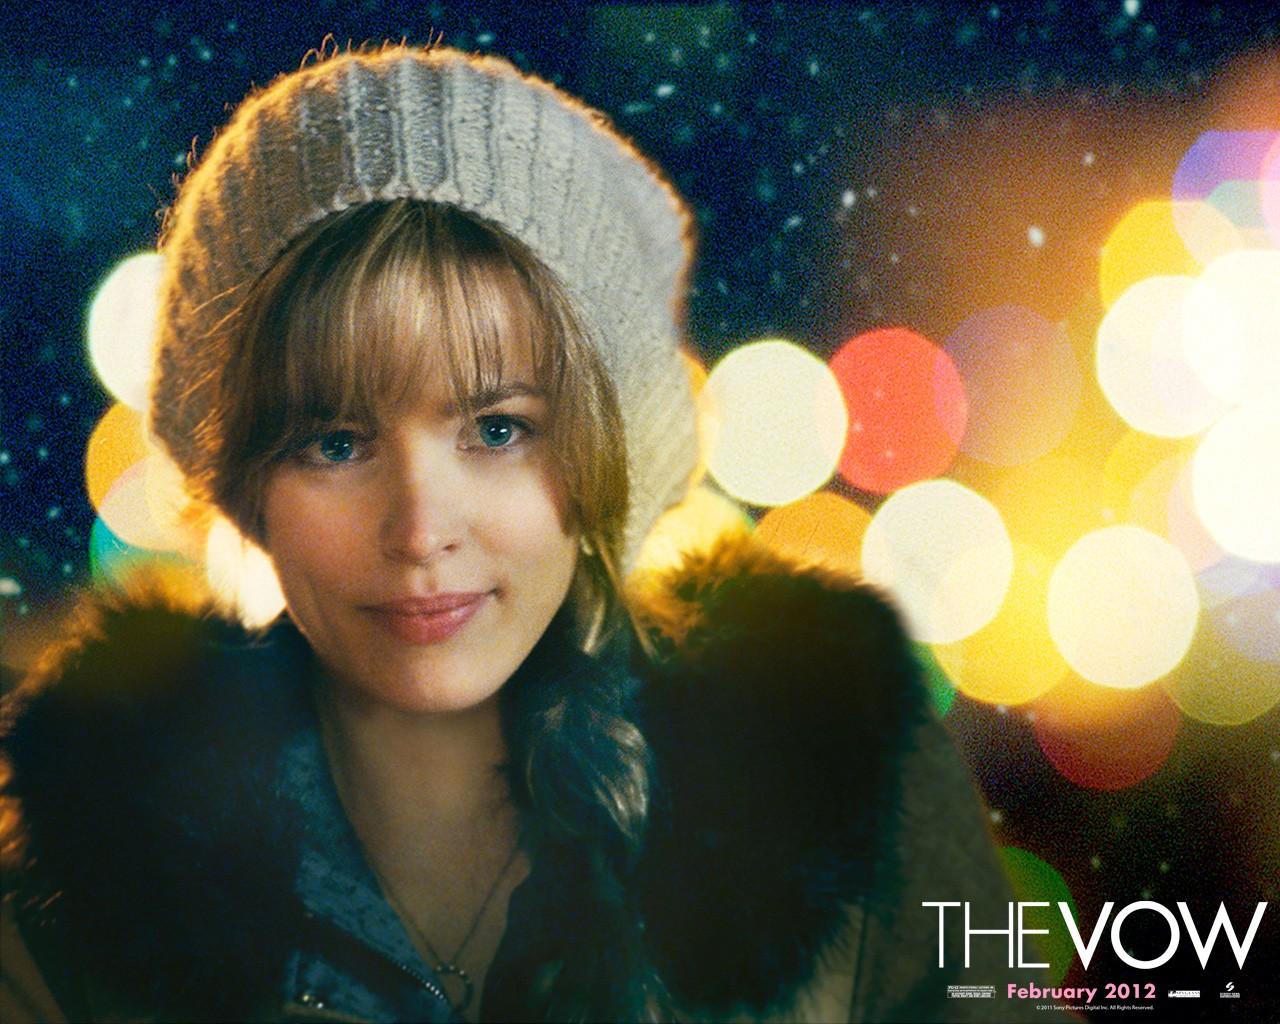 Rachel McAdams in uno degli wallpaper ufficiali del film The Vow